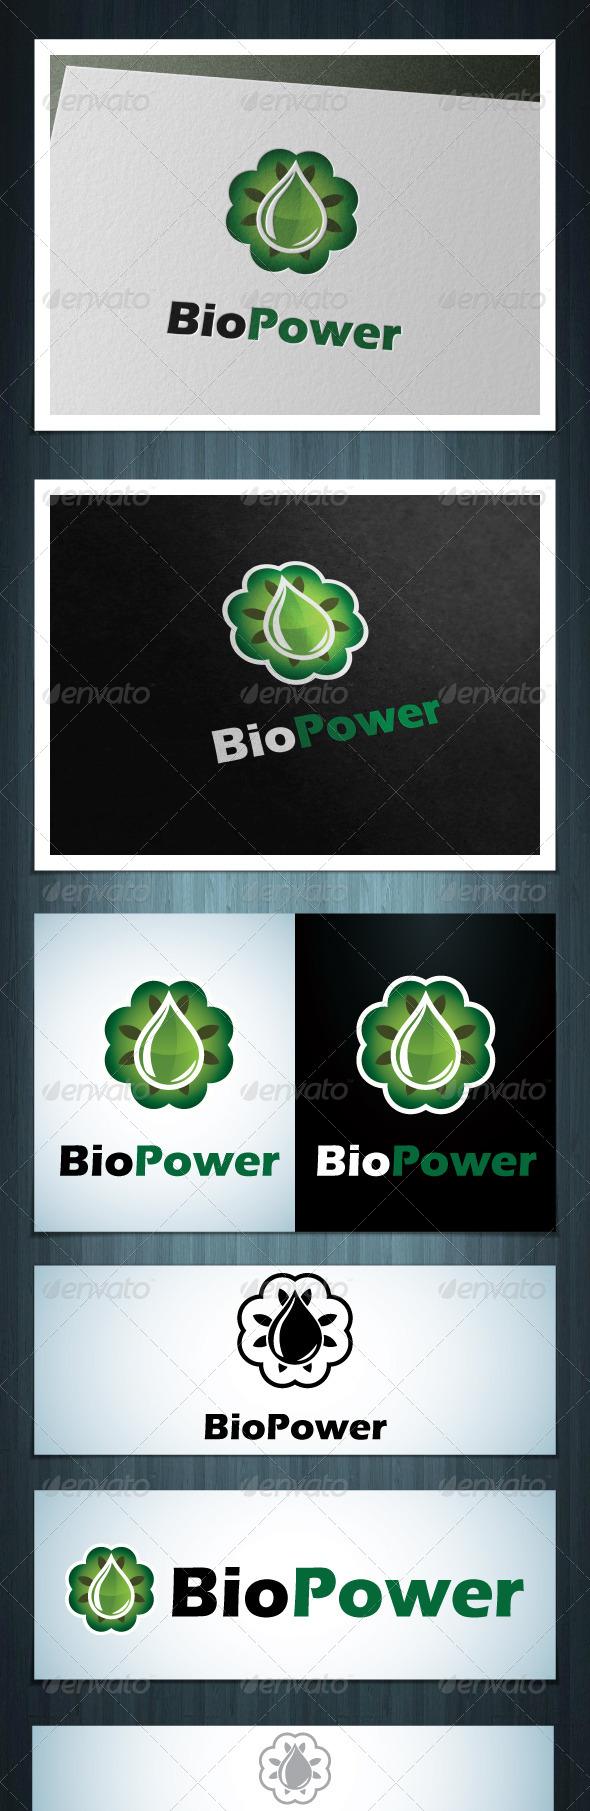 GraphicRiver Biopower 5820608